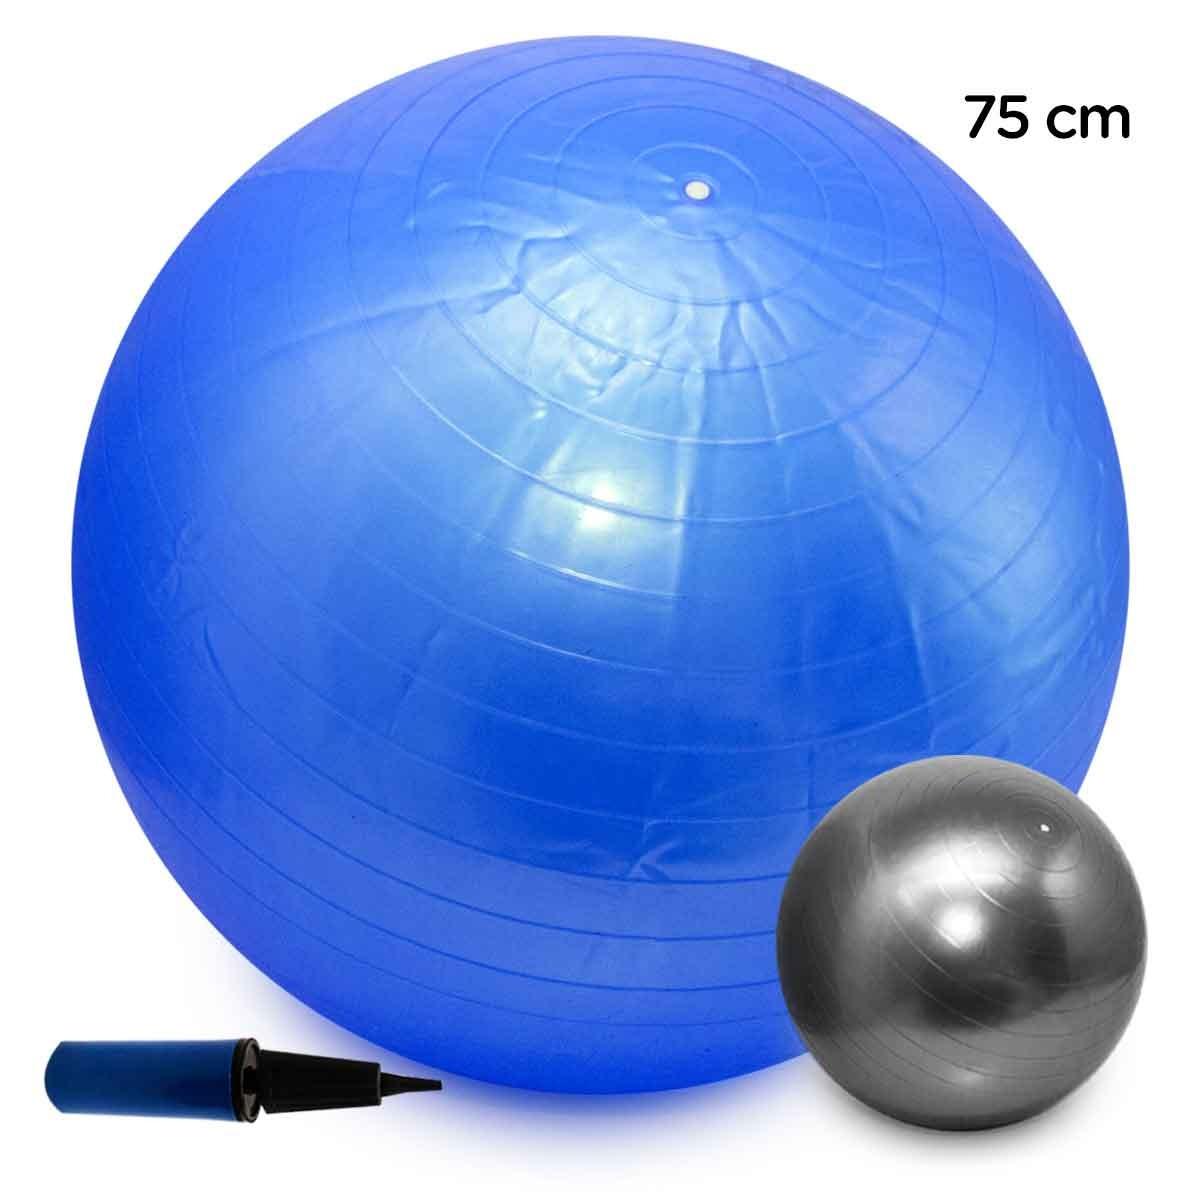 bola pilates yoga fitness 75cm c  bomba abdominal ginastica. Carregando  zoom. 37c75b05e1652